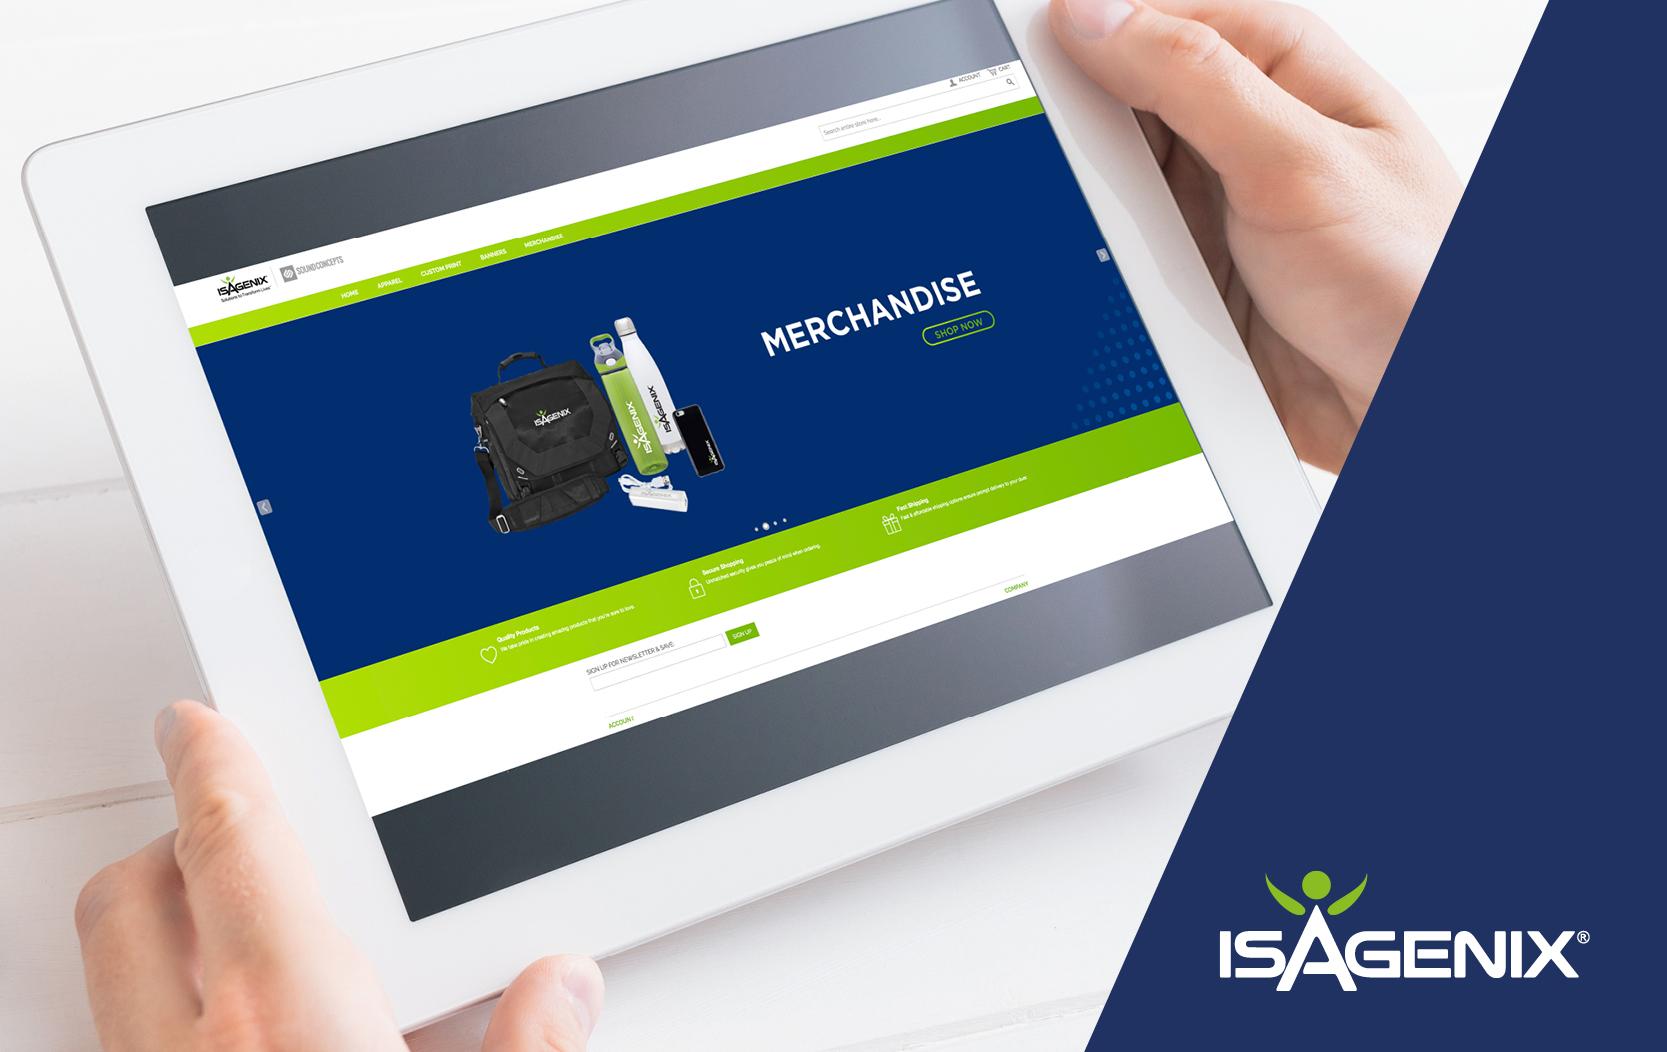 Introducing Isagenix SalesTools - EU IsaFYI